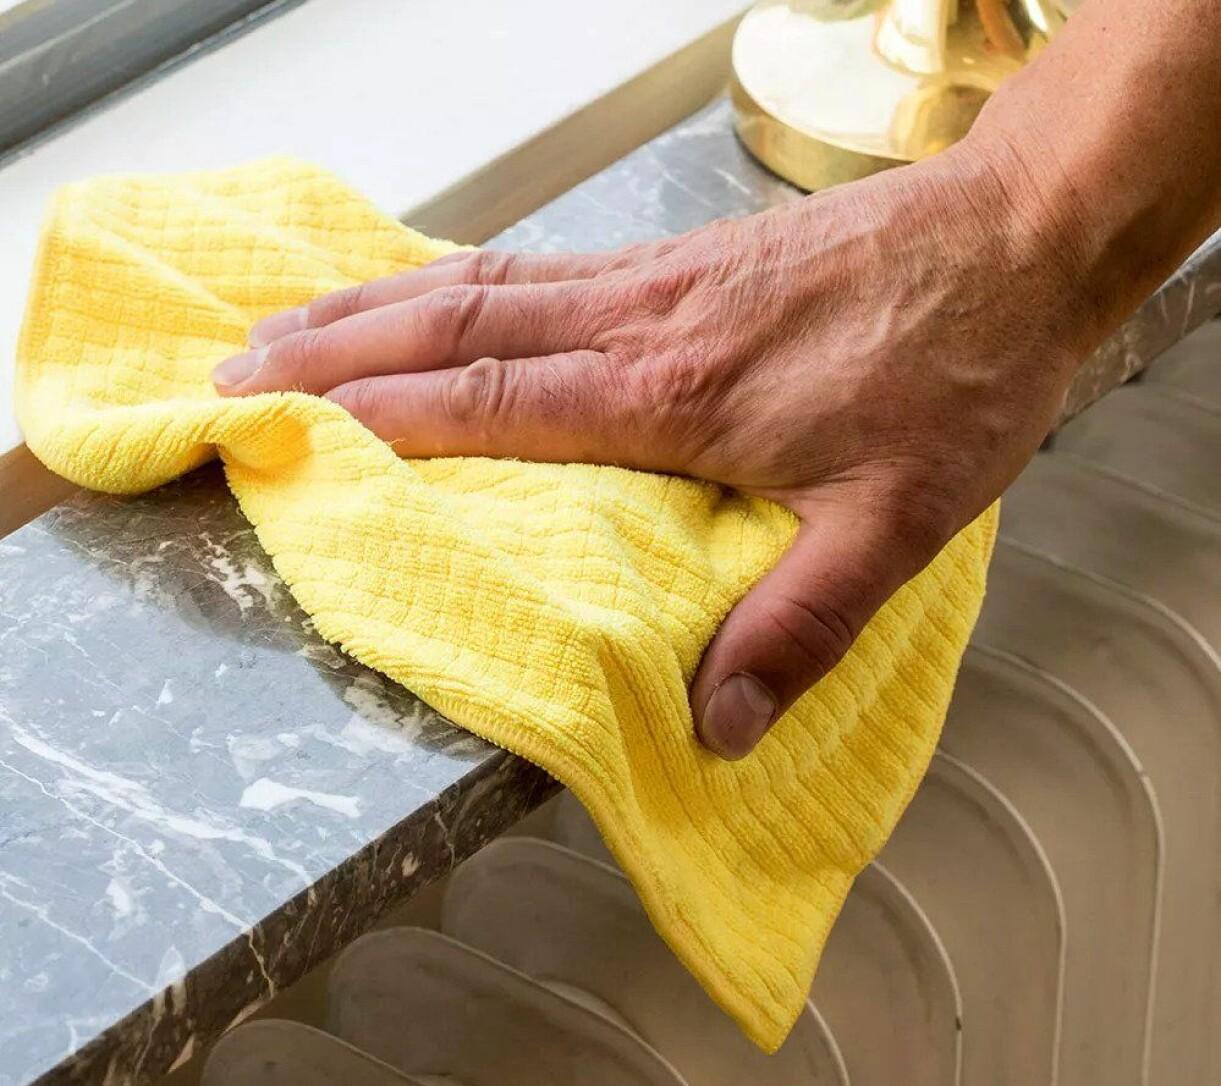 Kvinna torkar av fönsterkarm med mjuk mikrofiberduk.